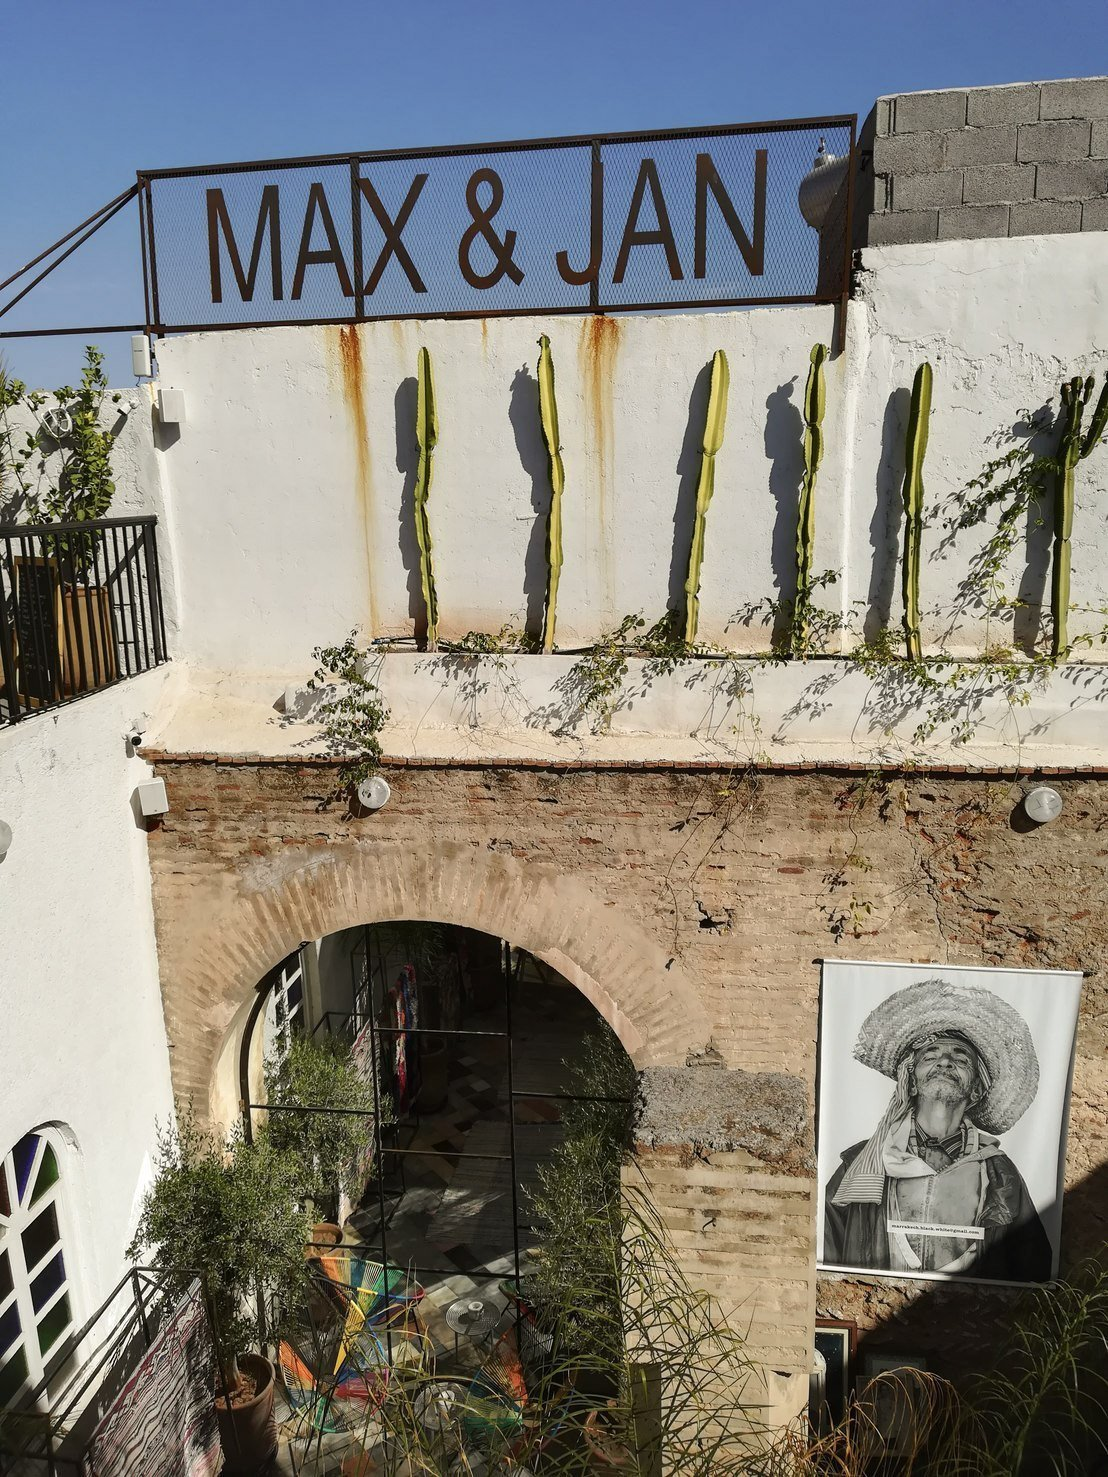 max & jan marraquexe